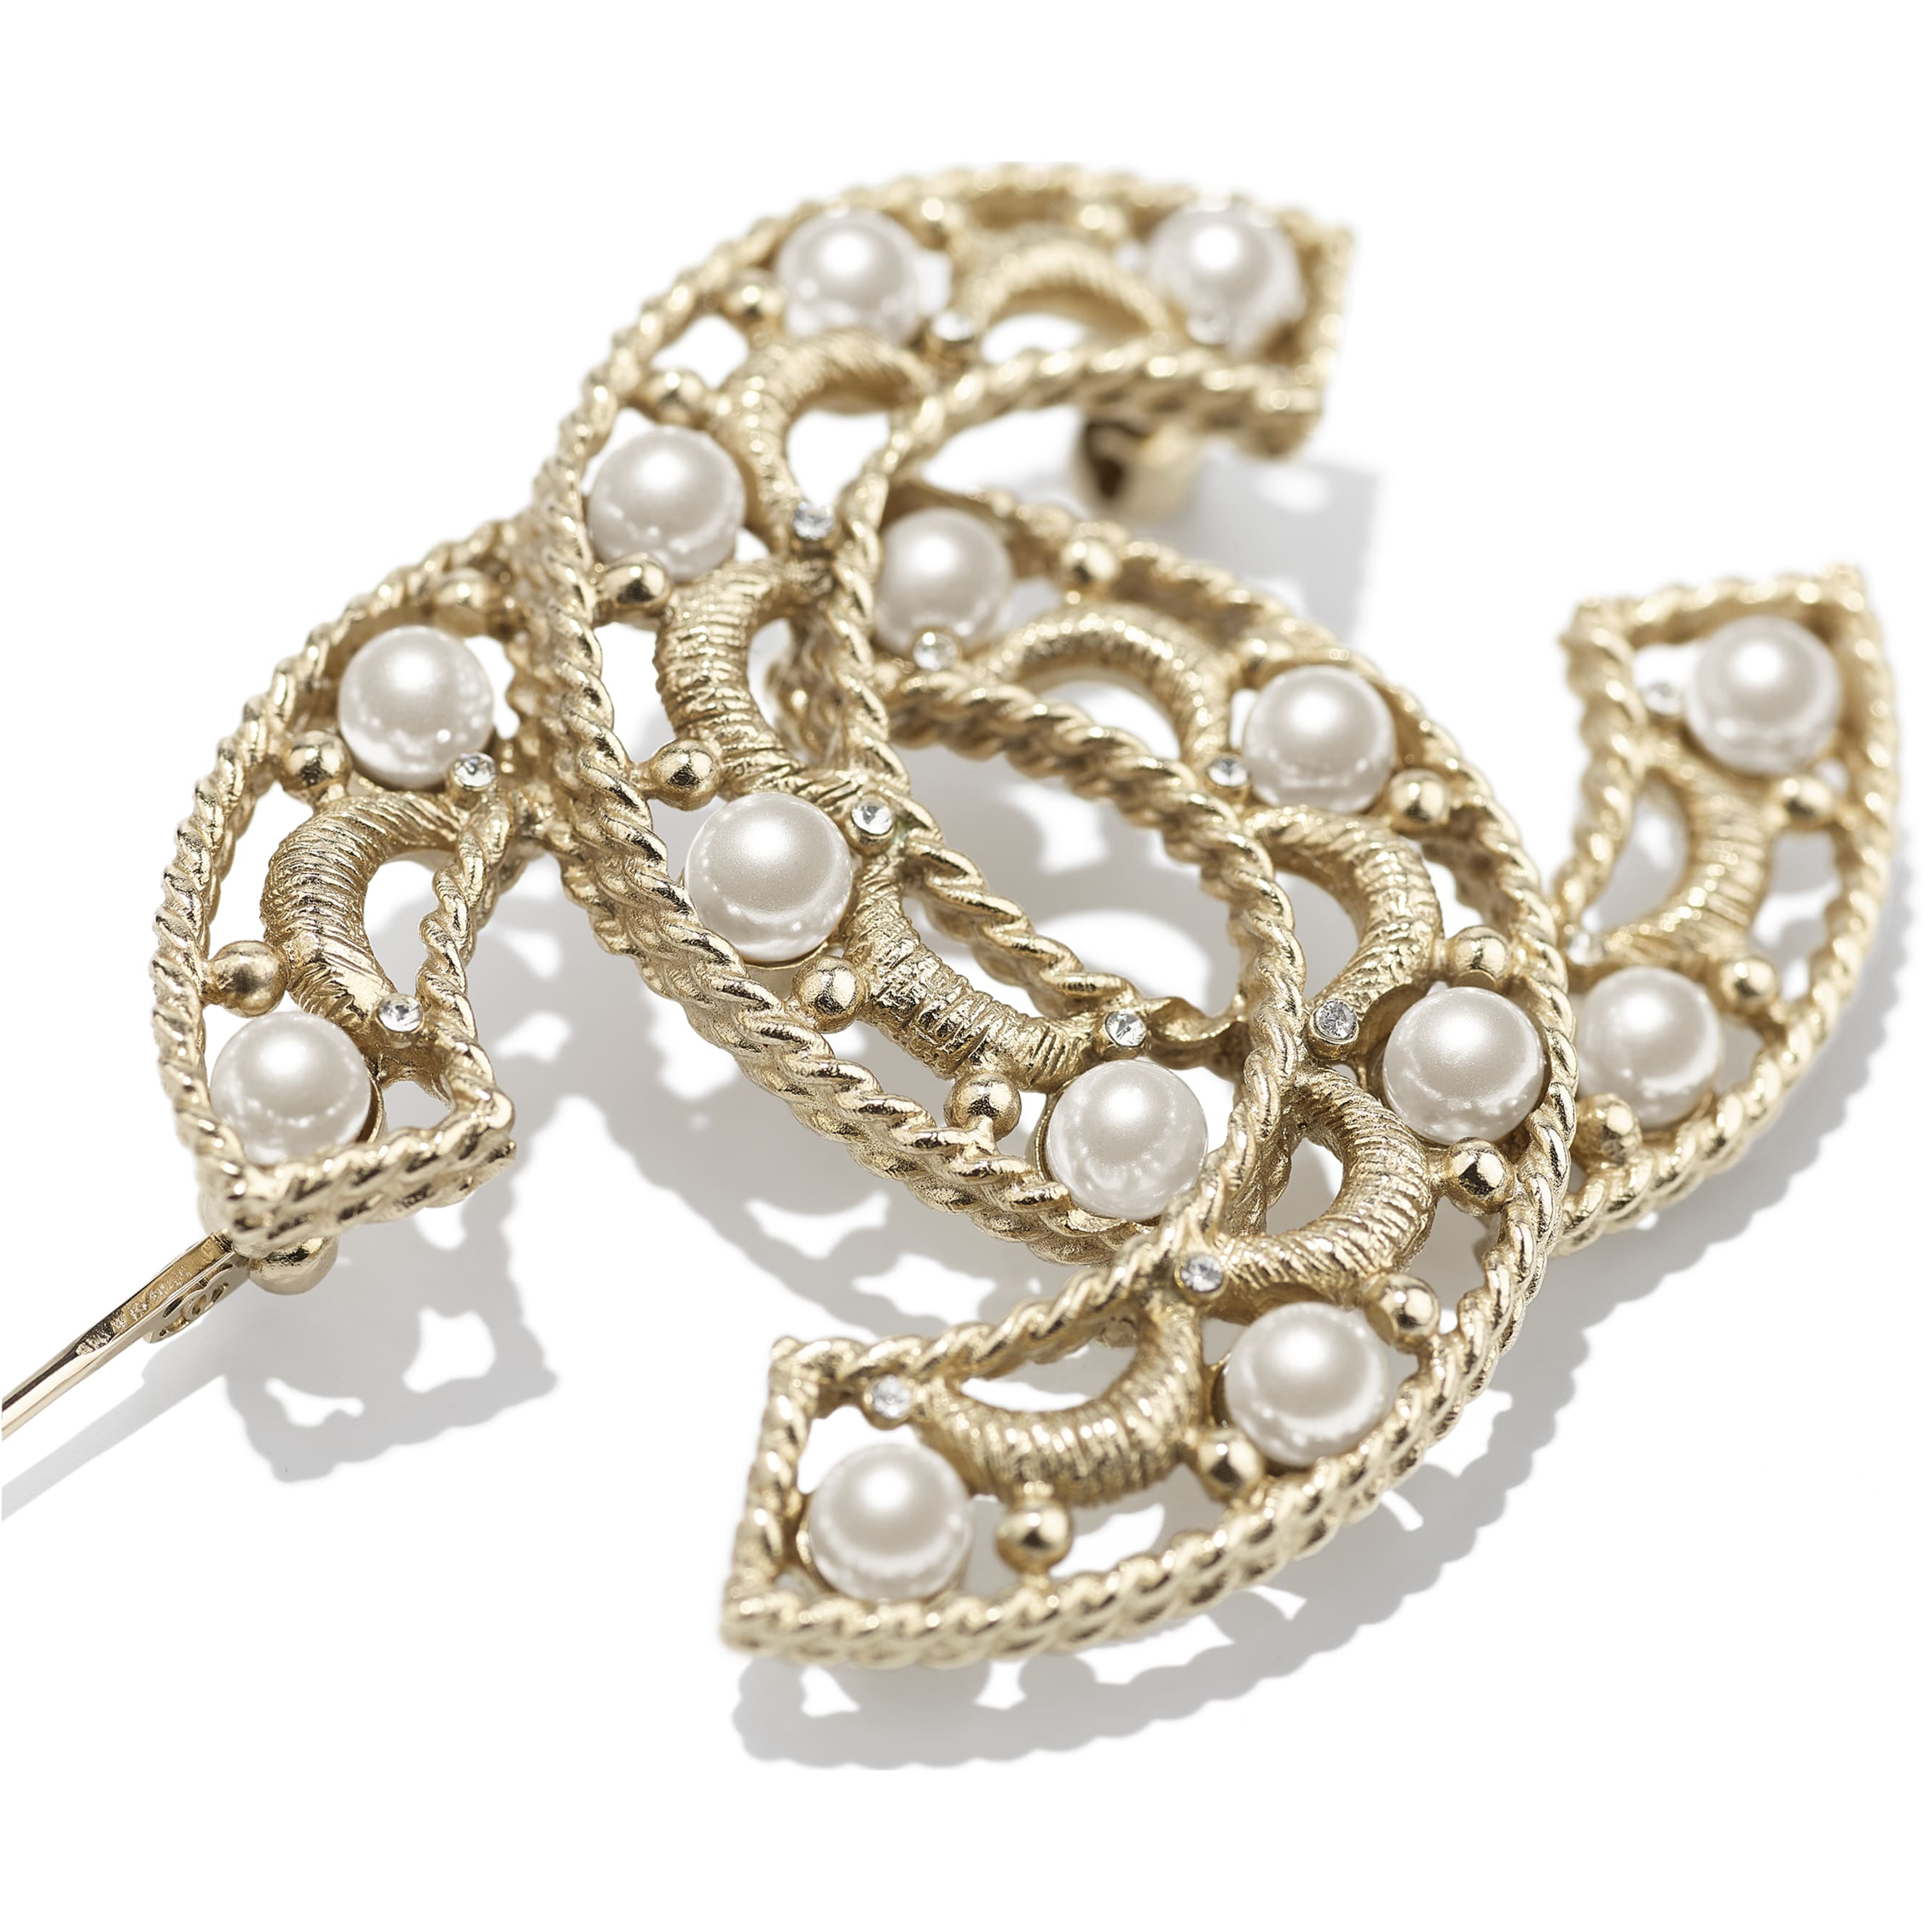 胸針 - 金、珍珠白與水晶 - 金屬、琉璃珠與水鑽 - CHANEL - 替代視圖 - 查看標準尺寸版本